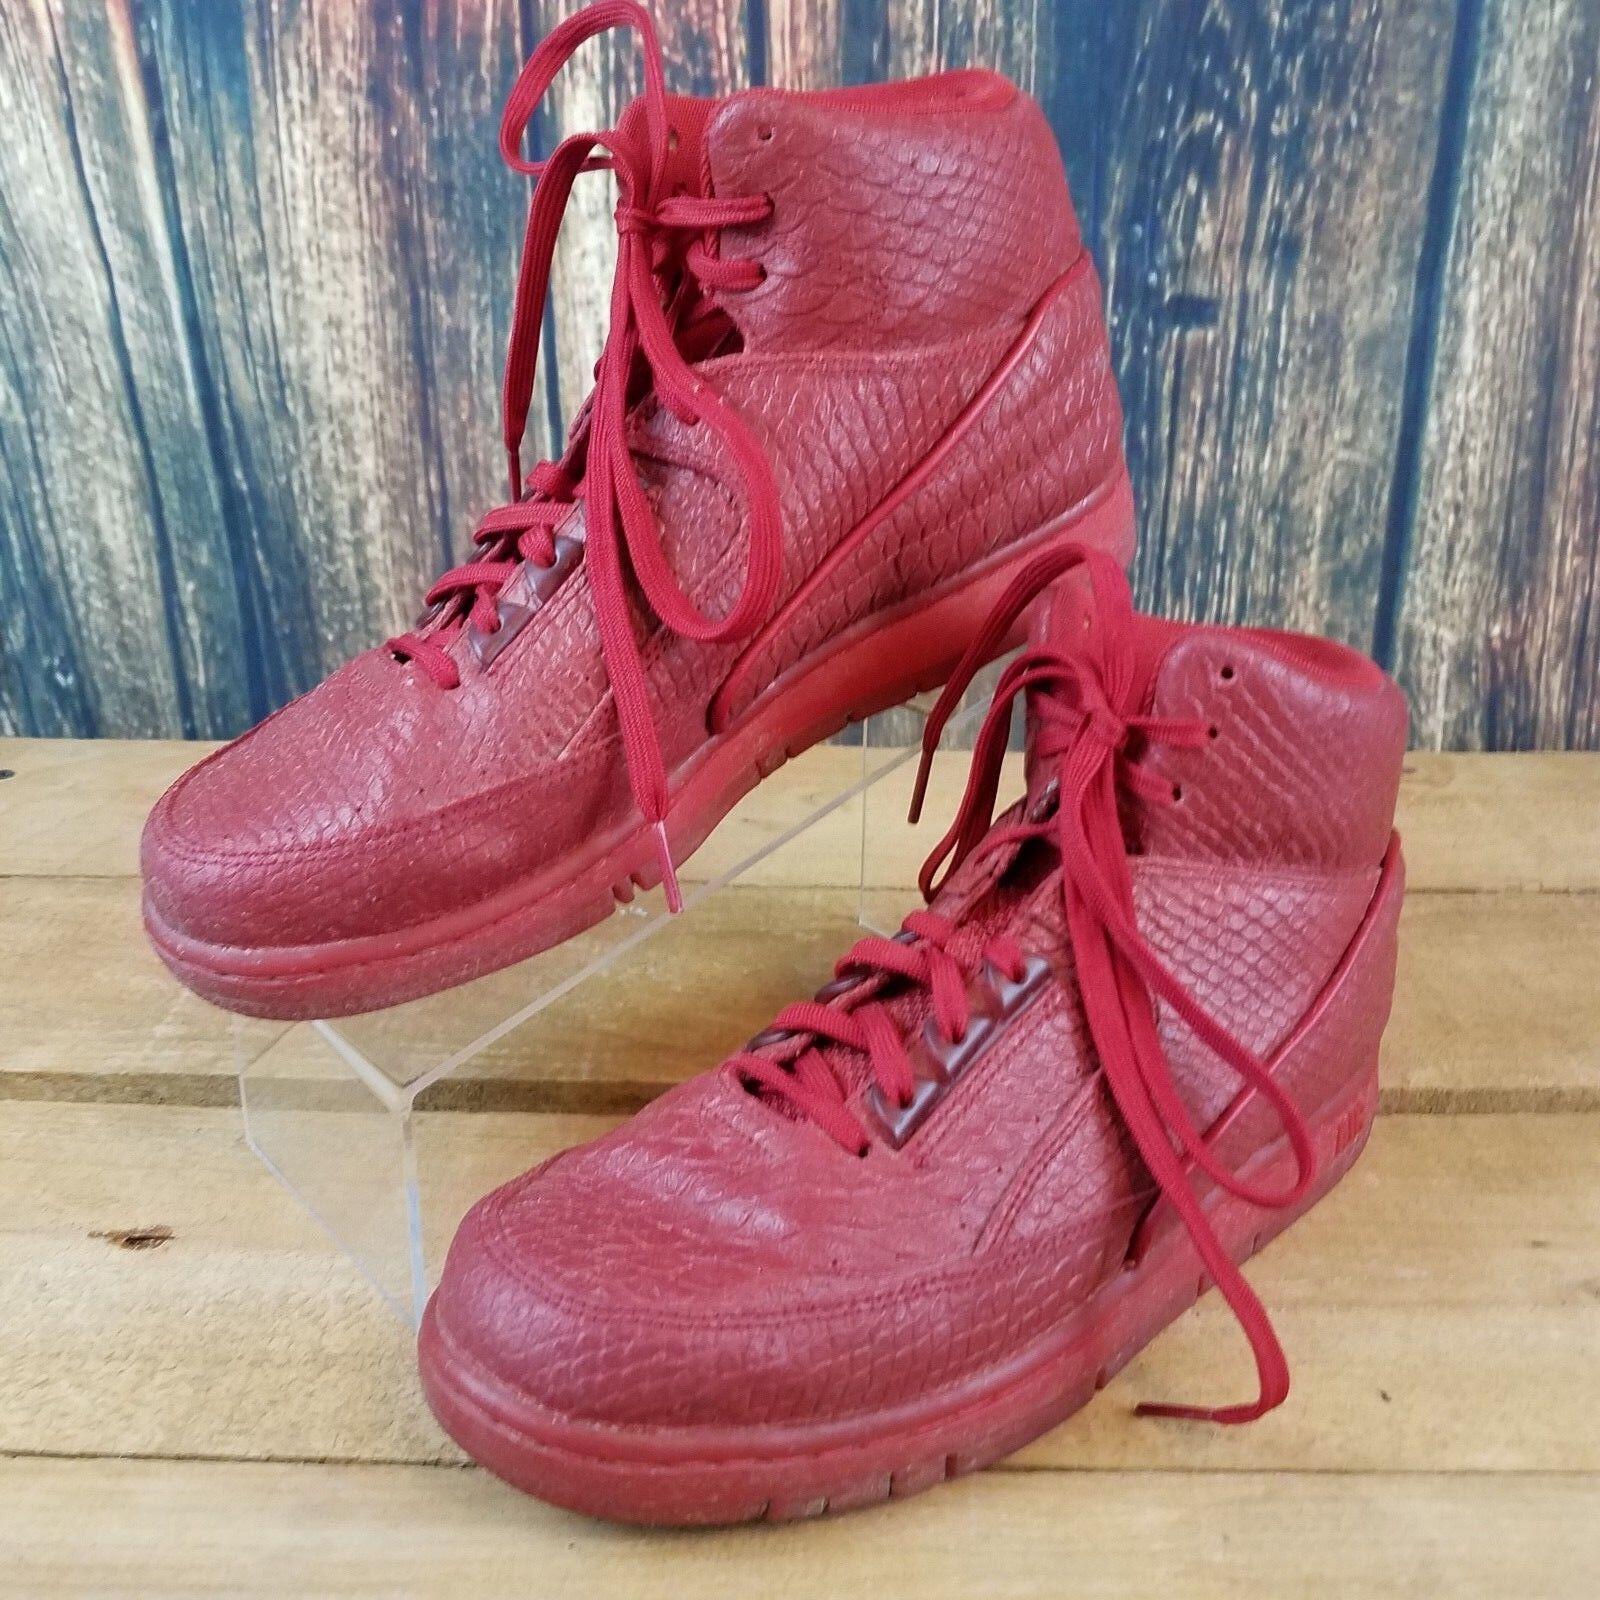 Nike Uomo Air Python PRM Basketball rosso 705066 600 High Top